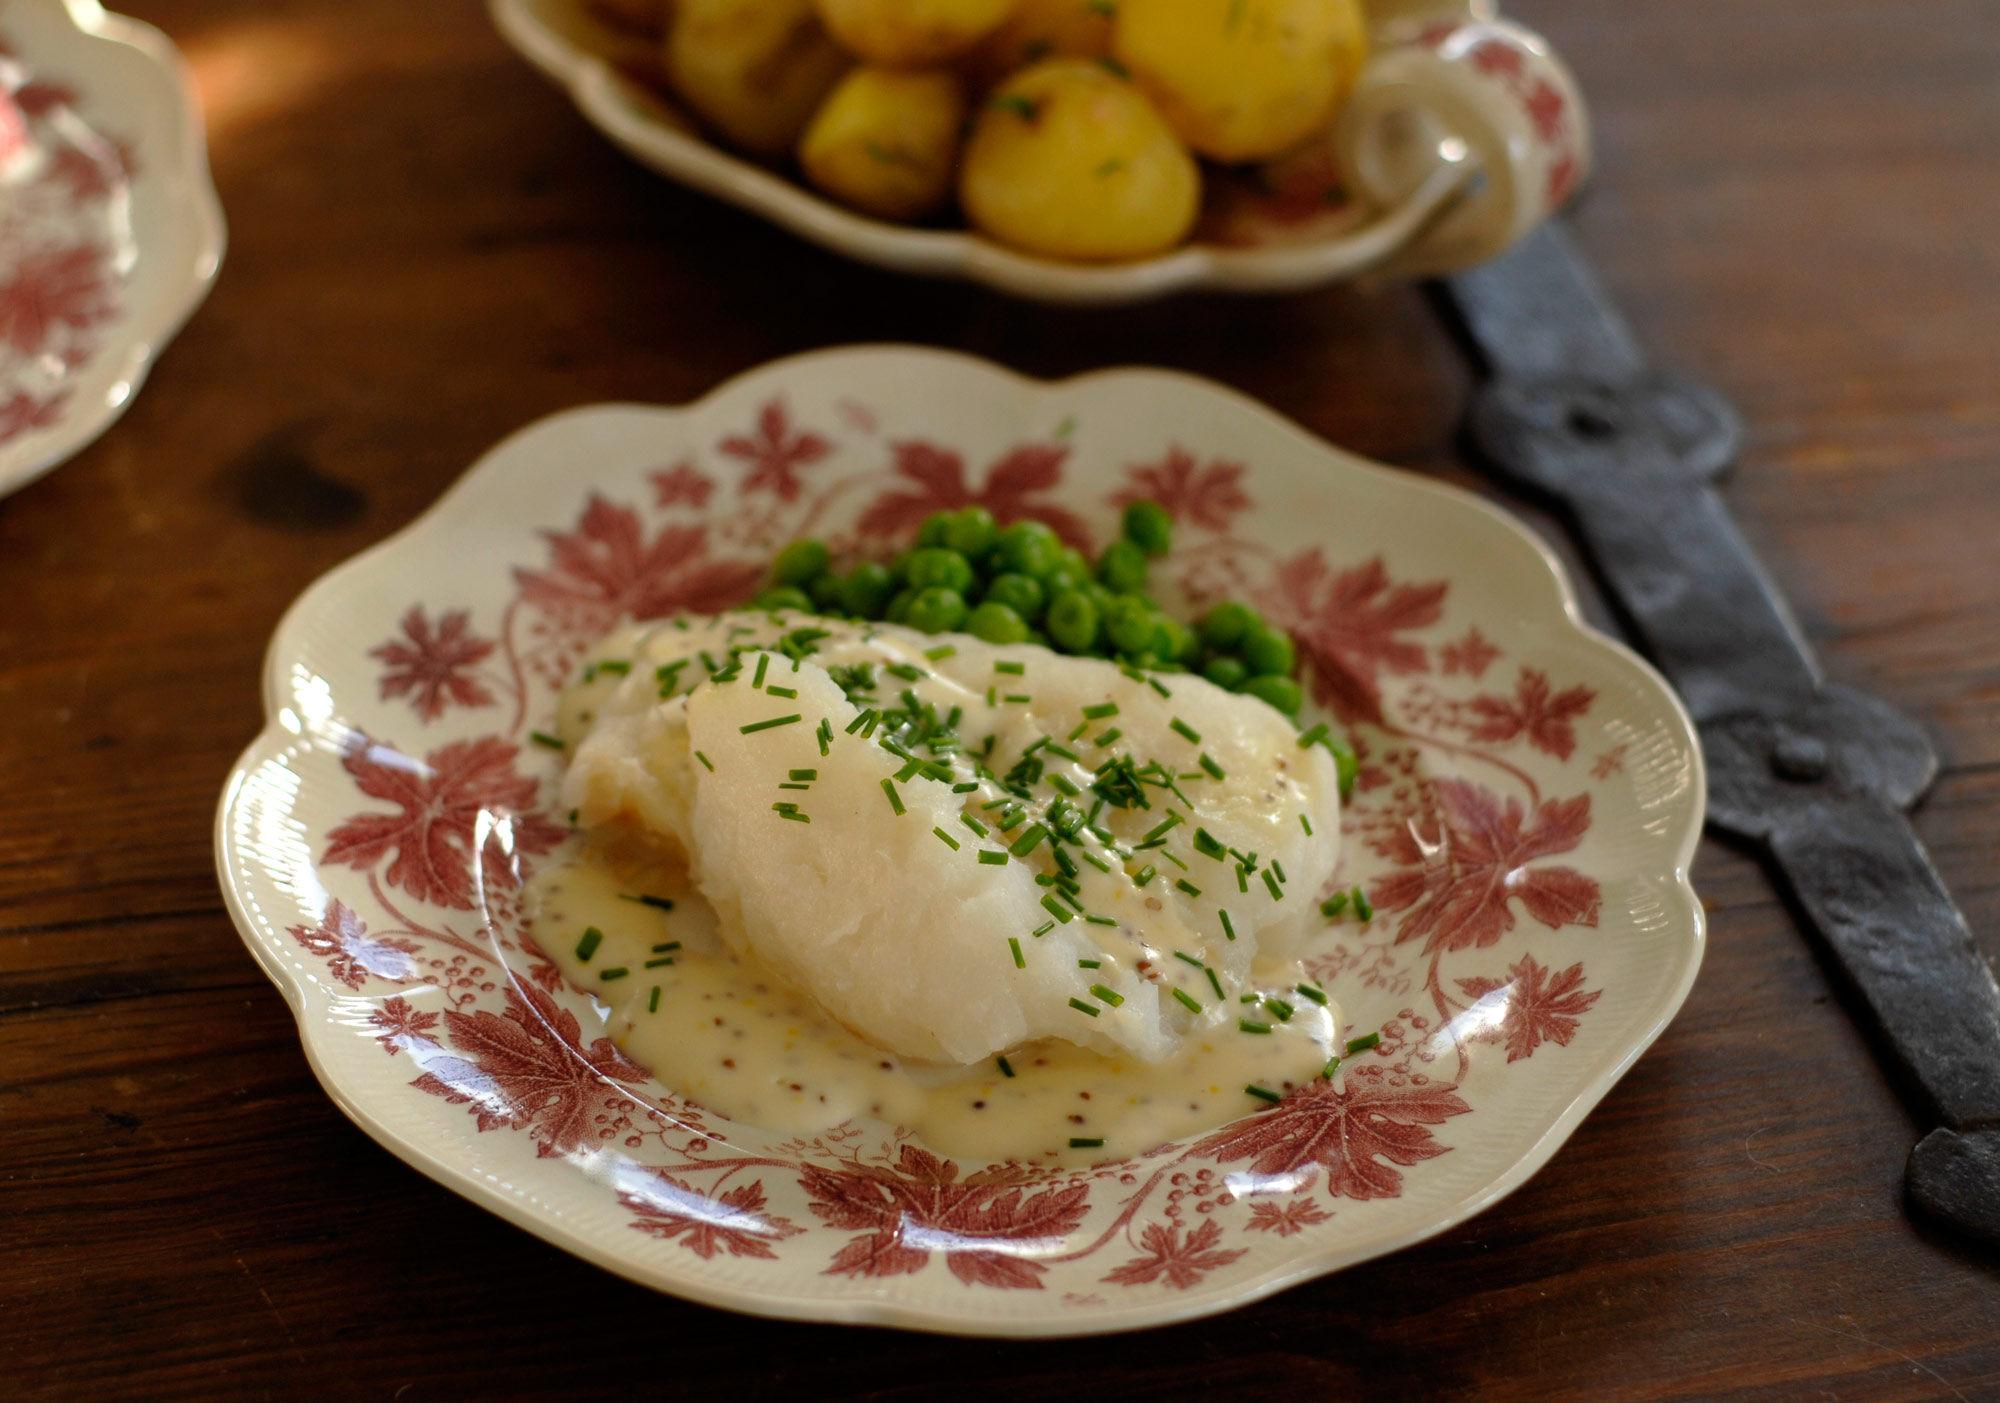 Lutfisk med vitvinssås och senap